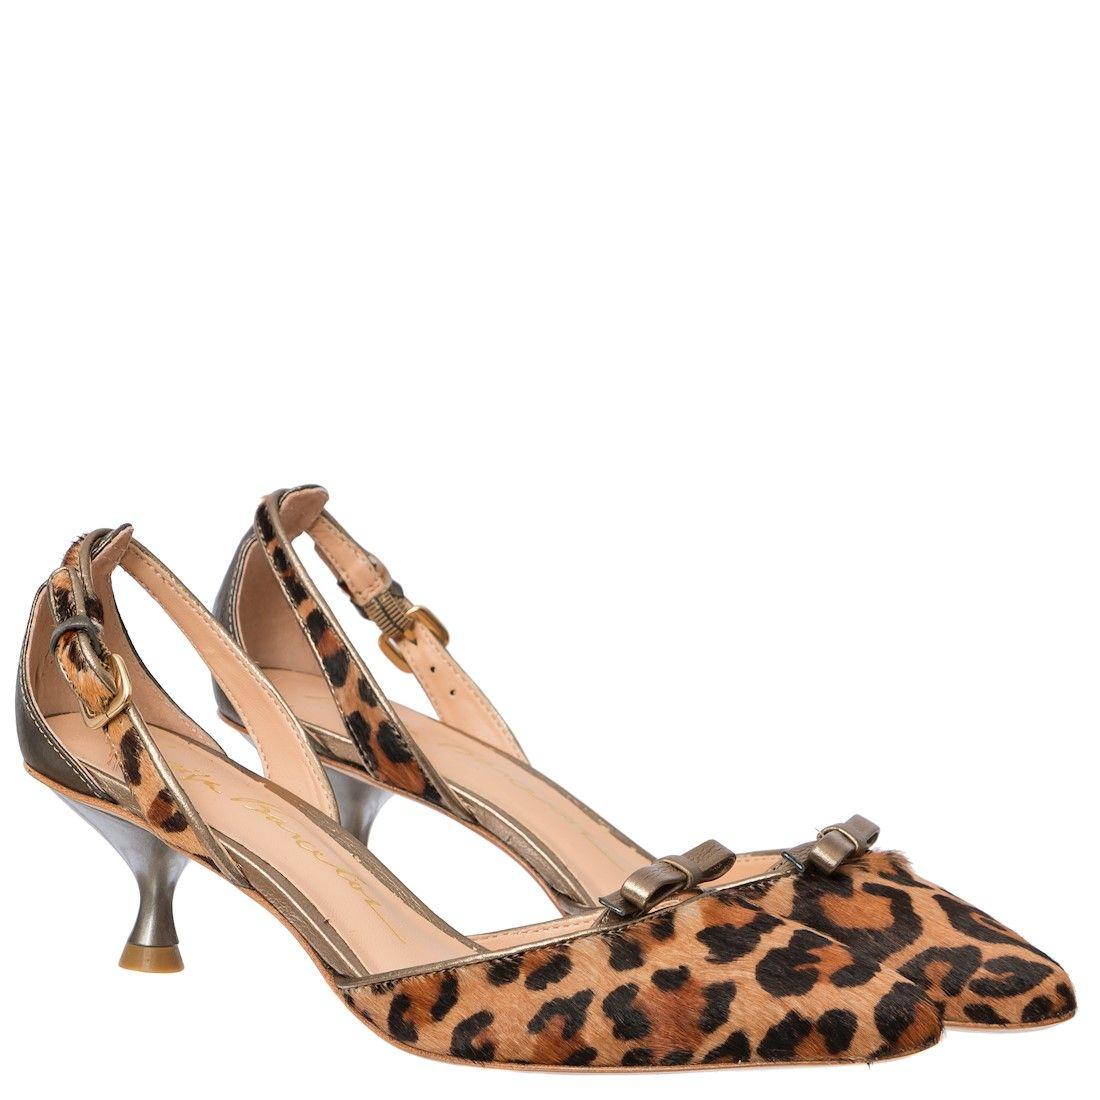 9e0787724 SCARPIN SALTO BAIXO LEOPARDO CAQUI - Luiza Barcelos | short heel ...